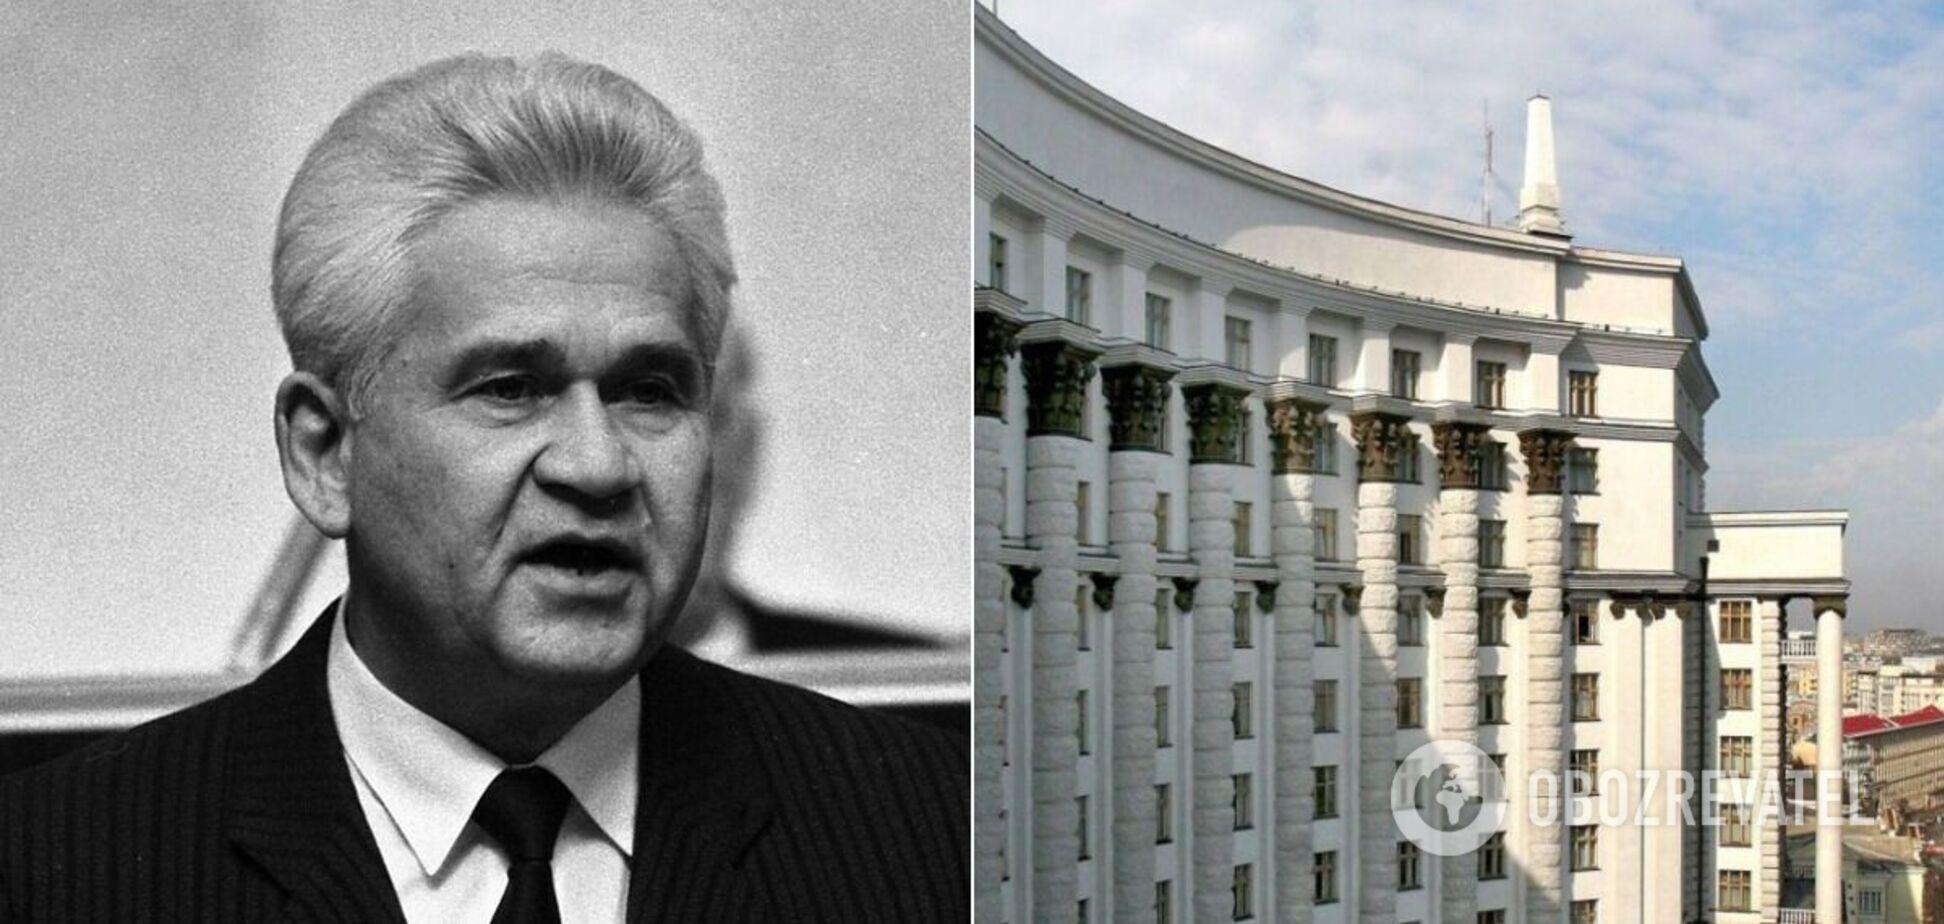 Першим прем'єр-міністром незалежної України став Вітольд Фокін